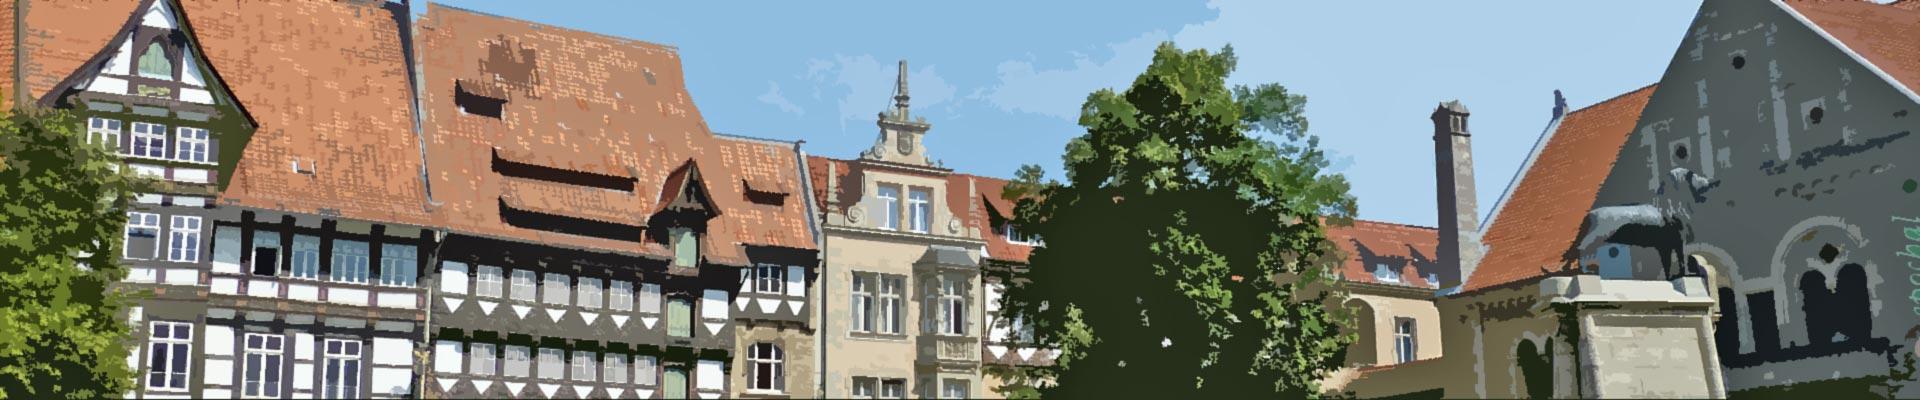 Praxis für Medizinische Begutachtung in Braunschweig